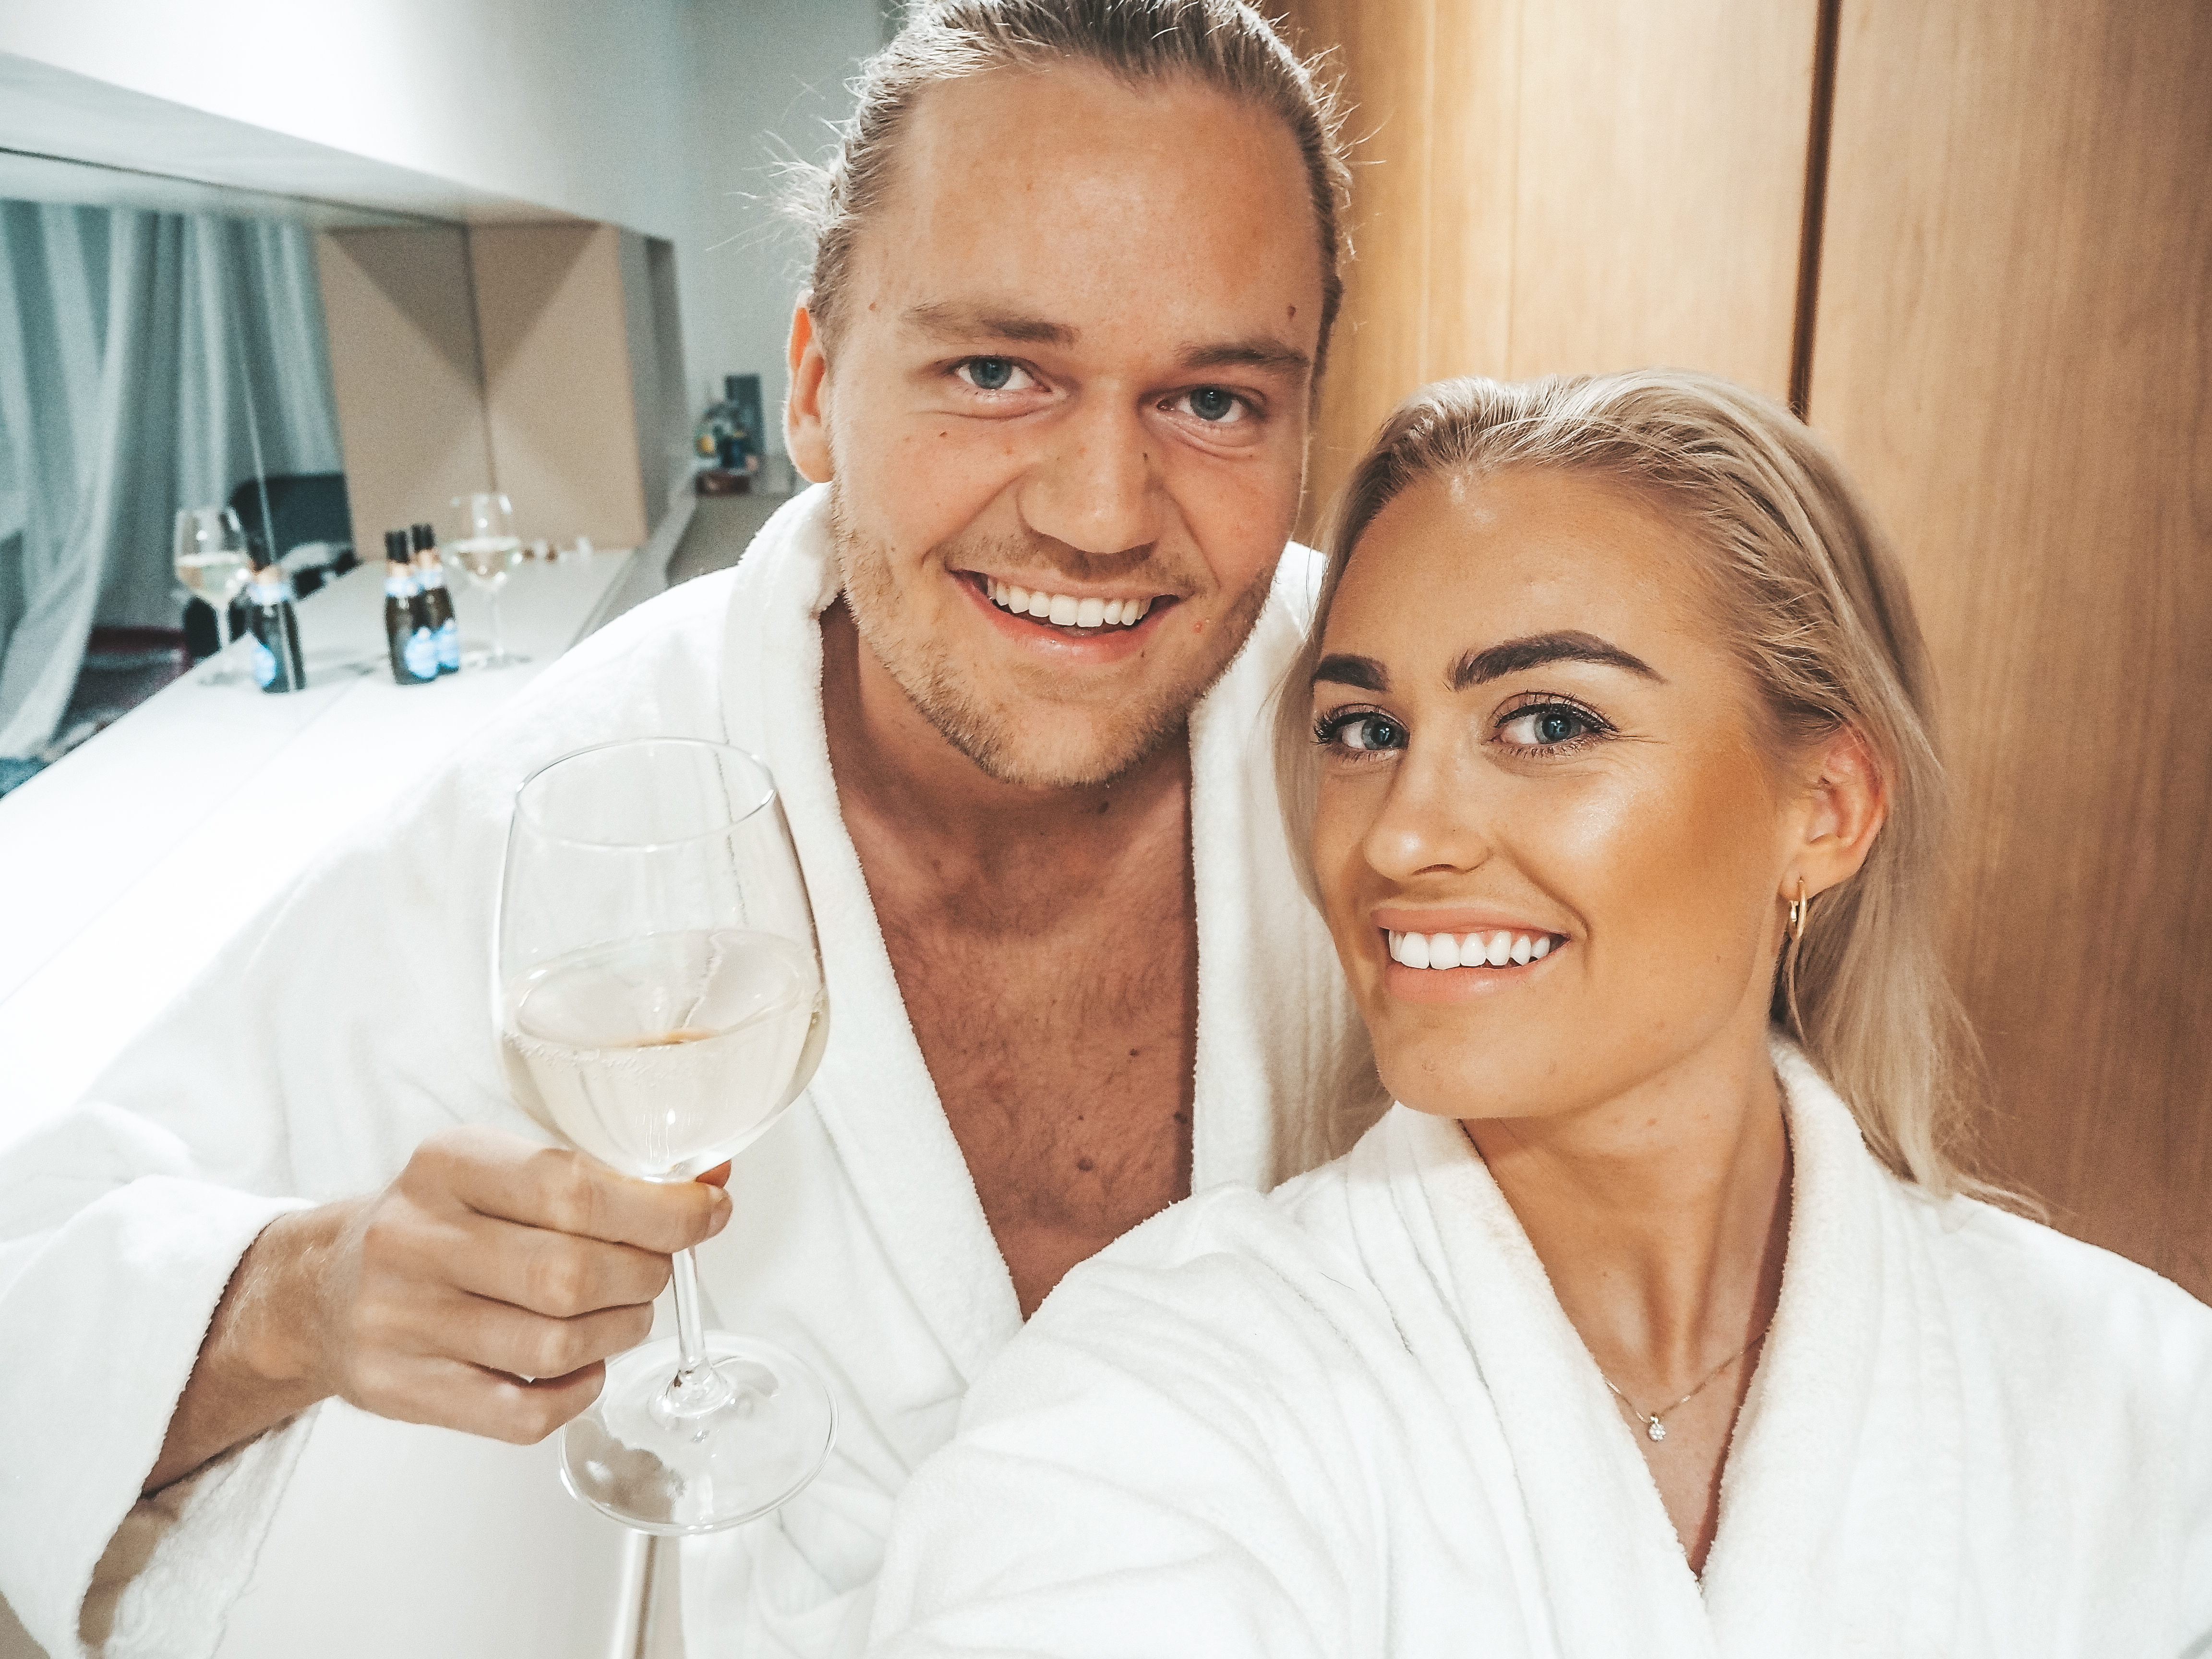 gjøre arbeidsgivere sjekke Dating Sites privat dating skanning Basingstoke